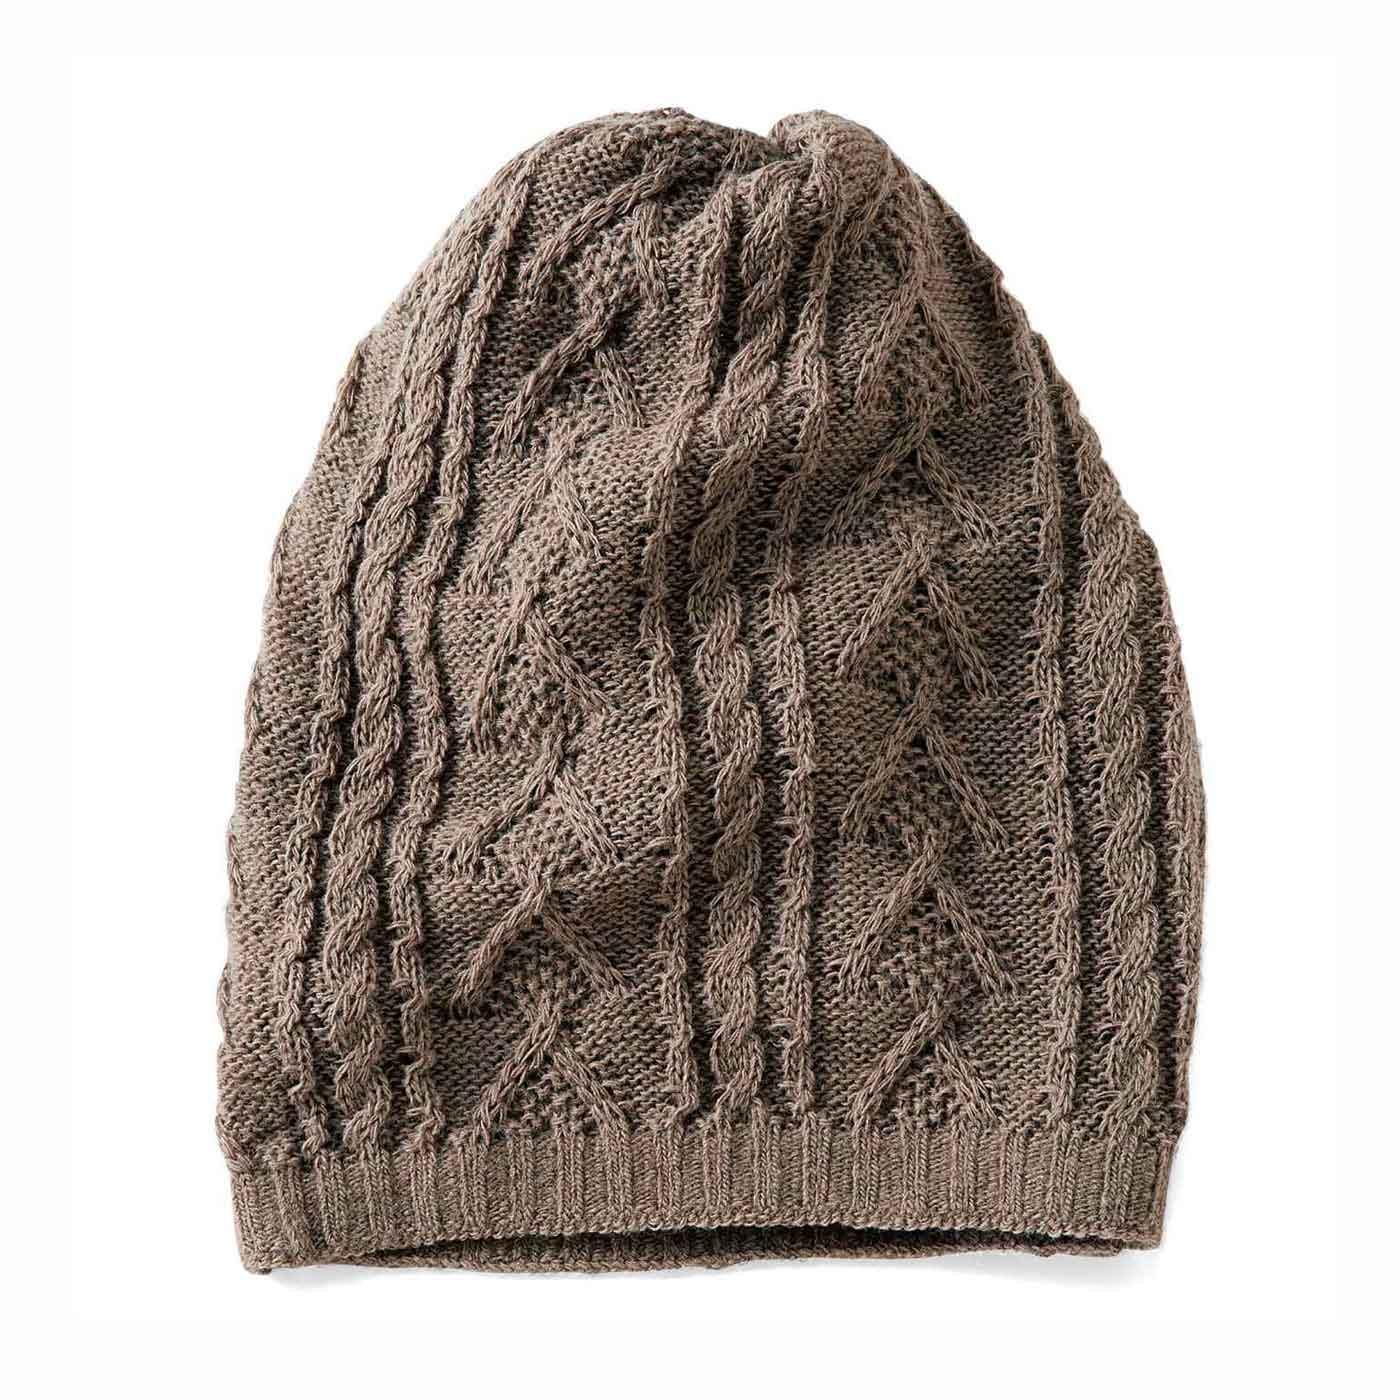 【ケーブル編みニット帽】カジュアルすぎないすっきりした編み地とシックカラーで、大人スタイルにマッチします。